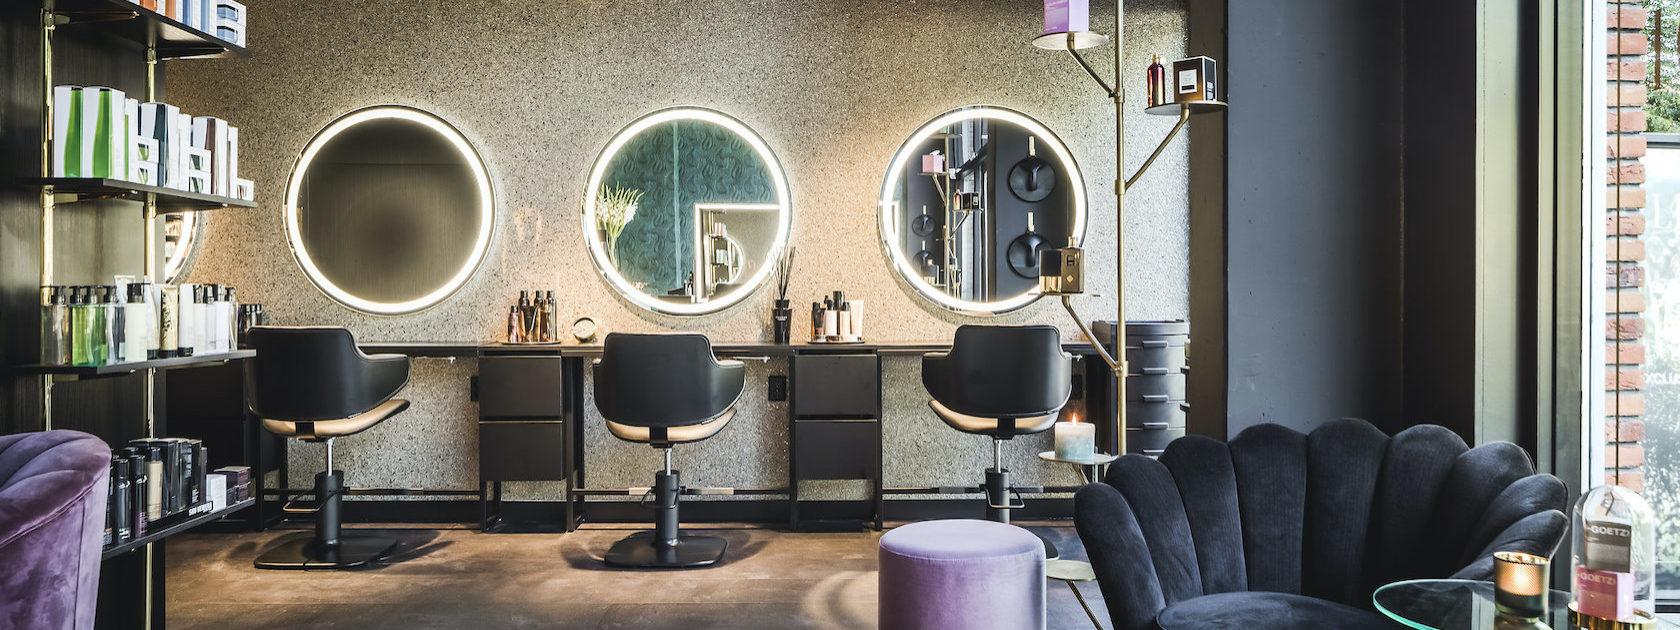 In deze prachtige zaak kan je niet alleen terecht voor je nagels en andere fijne lichaamsbehandelingen, je kan hier ook naar de kapper.